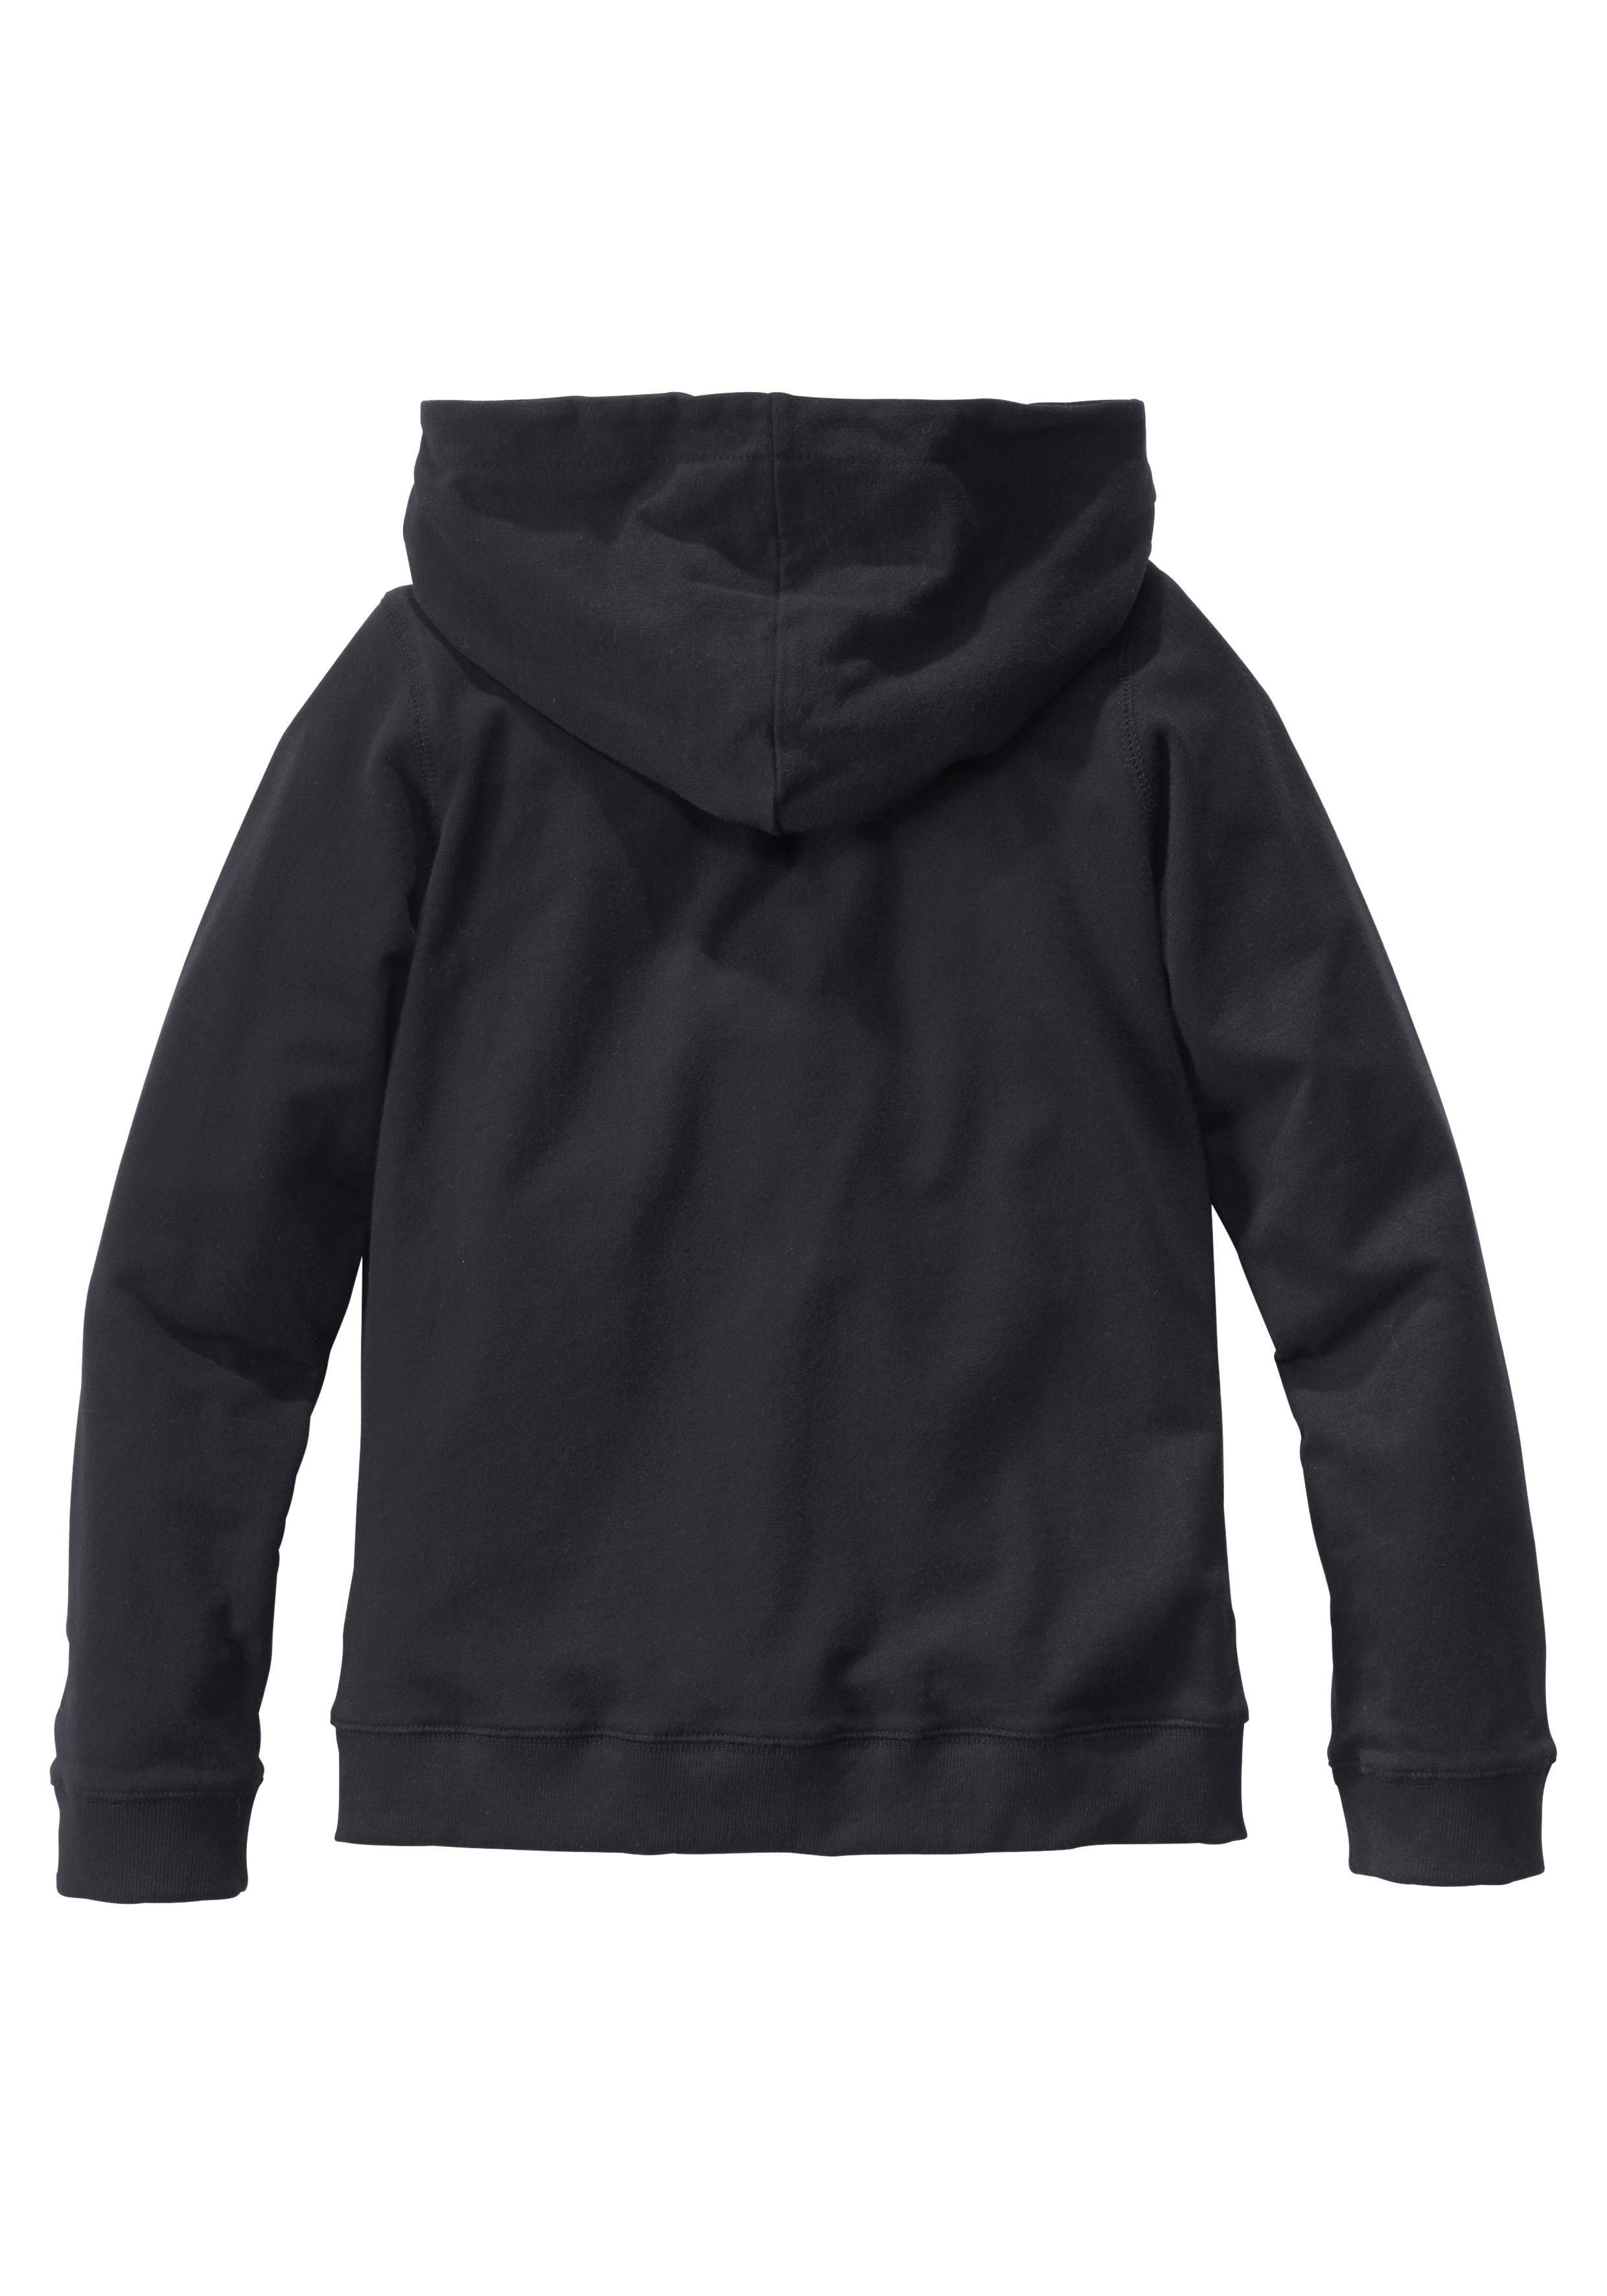 Bench Kapuzensweatjacke Sweatjacken Mädchen Sweatshirts Mädchenkleidung